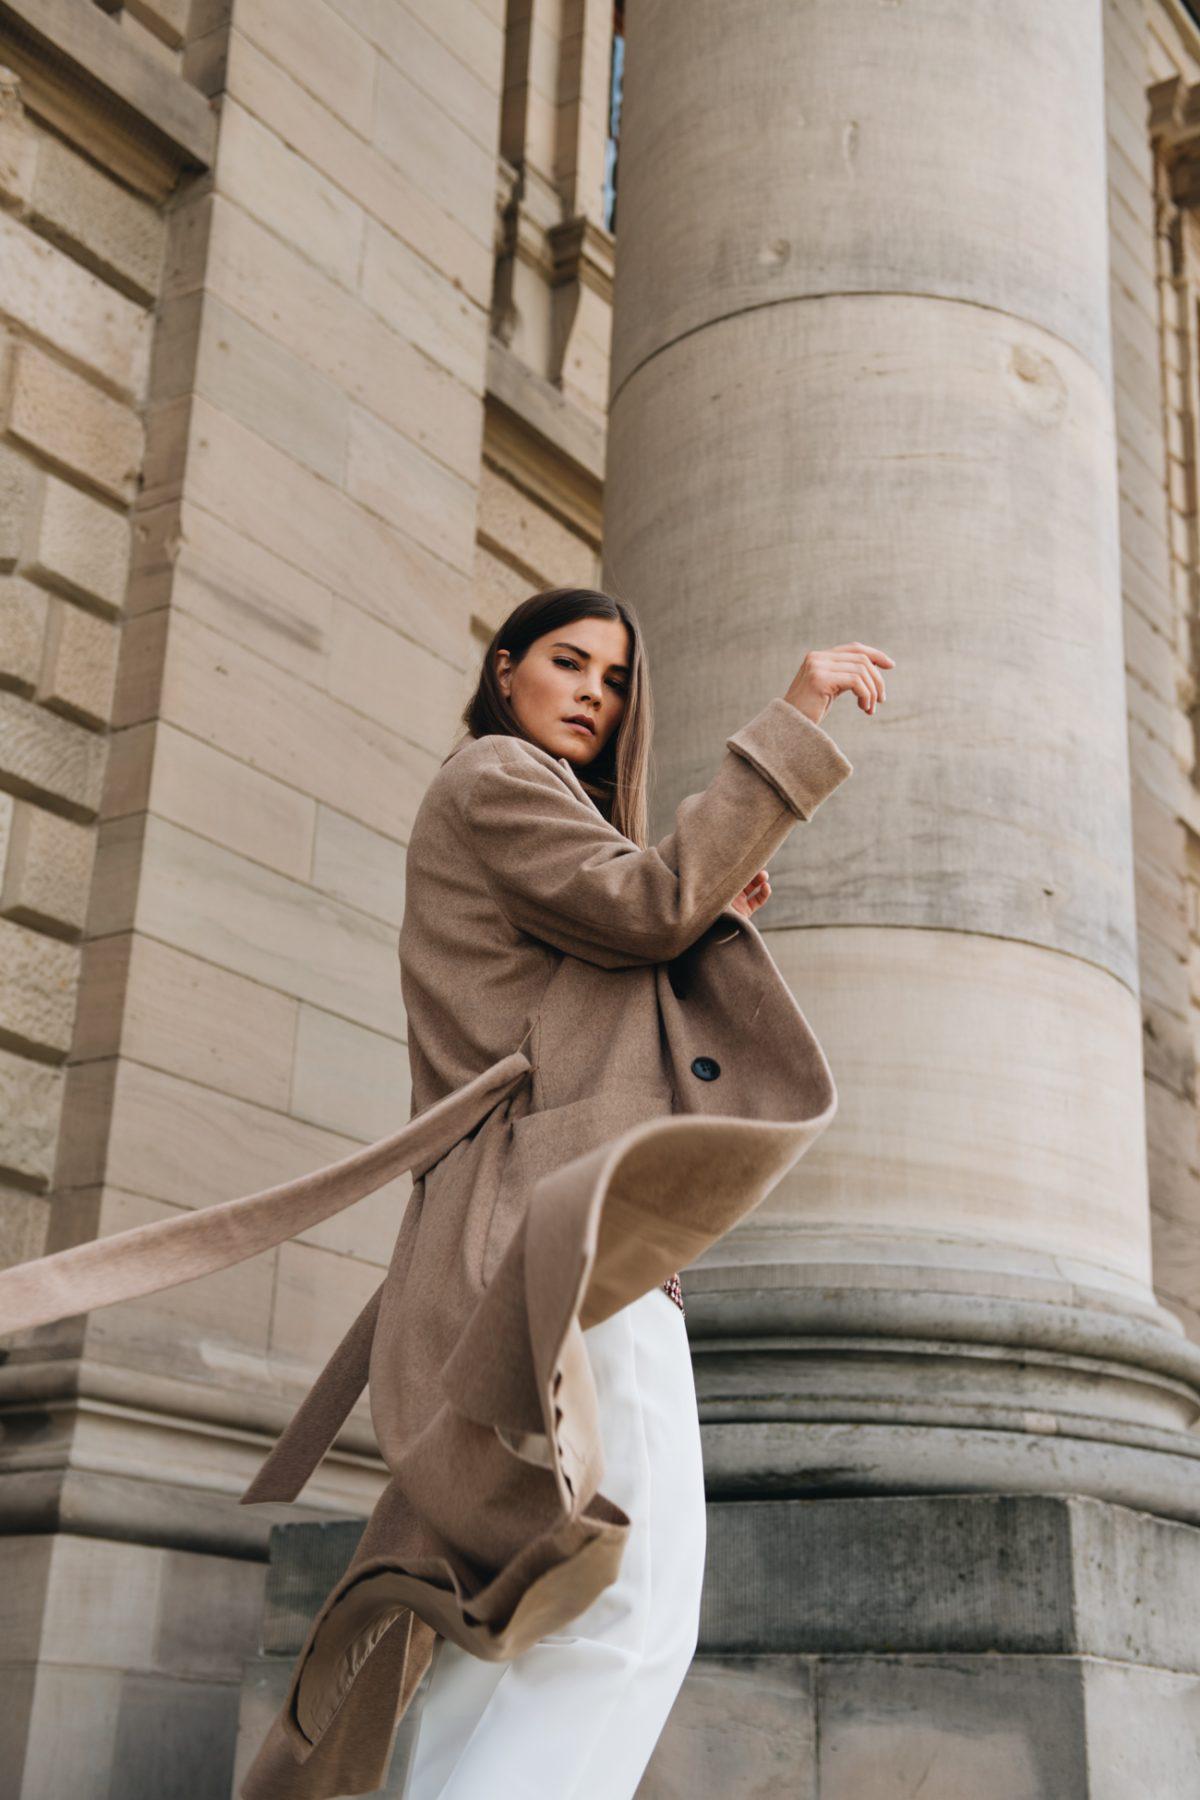 trendausblick:-diese-jacken-&-mantel-tragen-wir-im-herbst/winter-2021/22